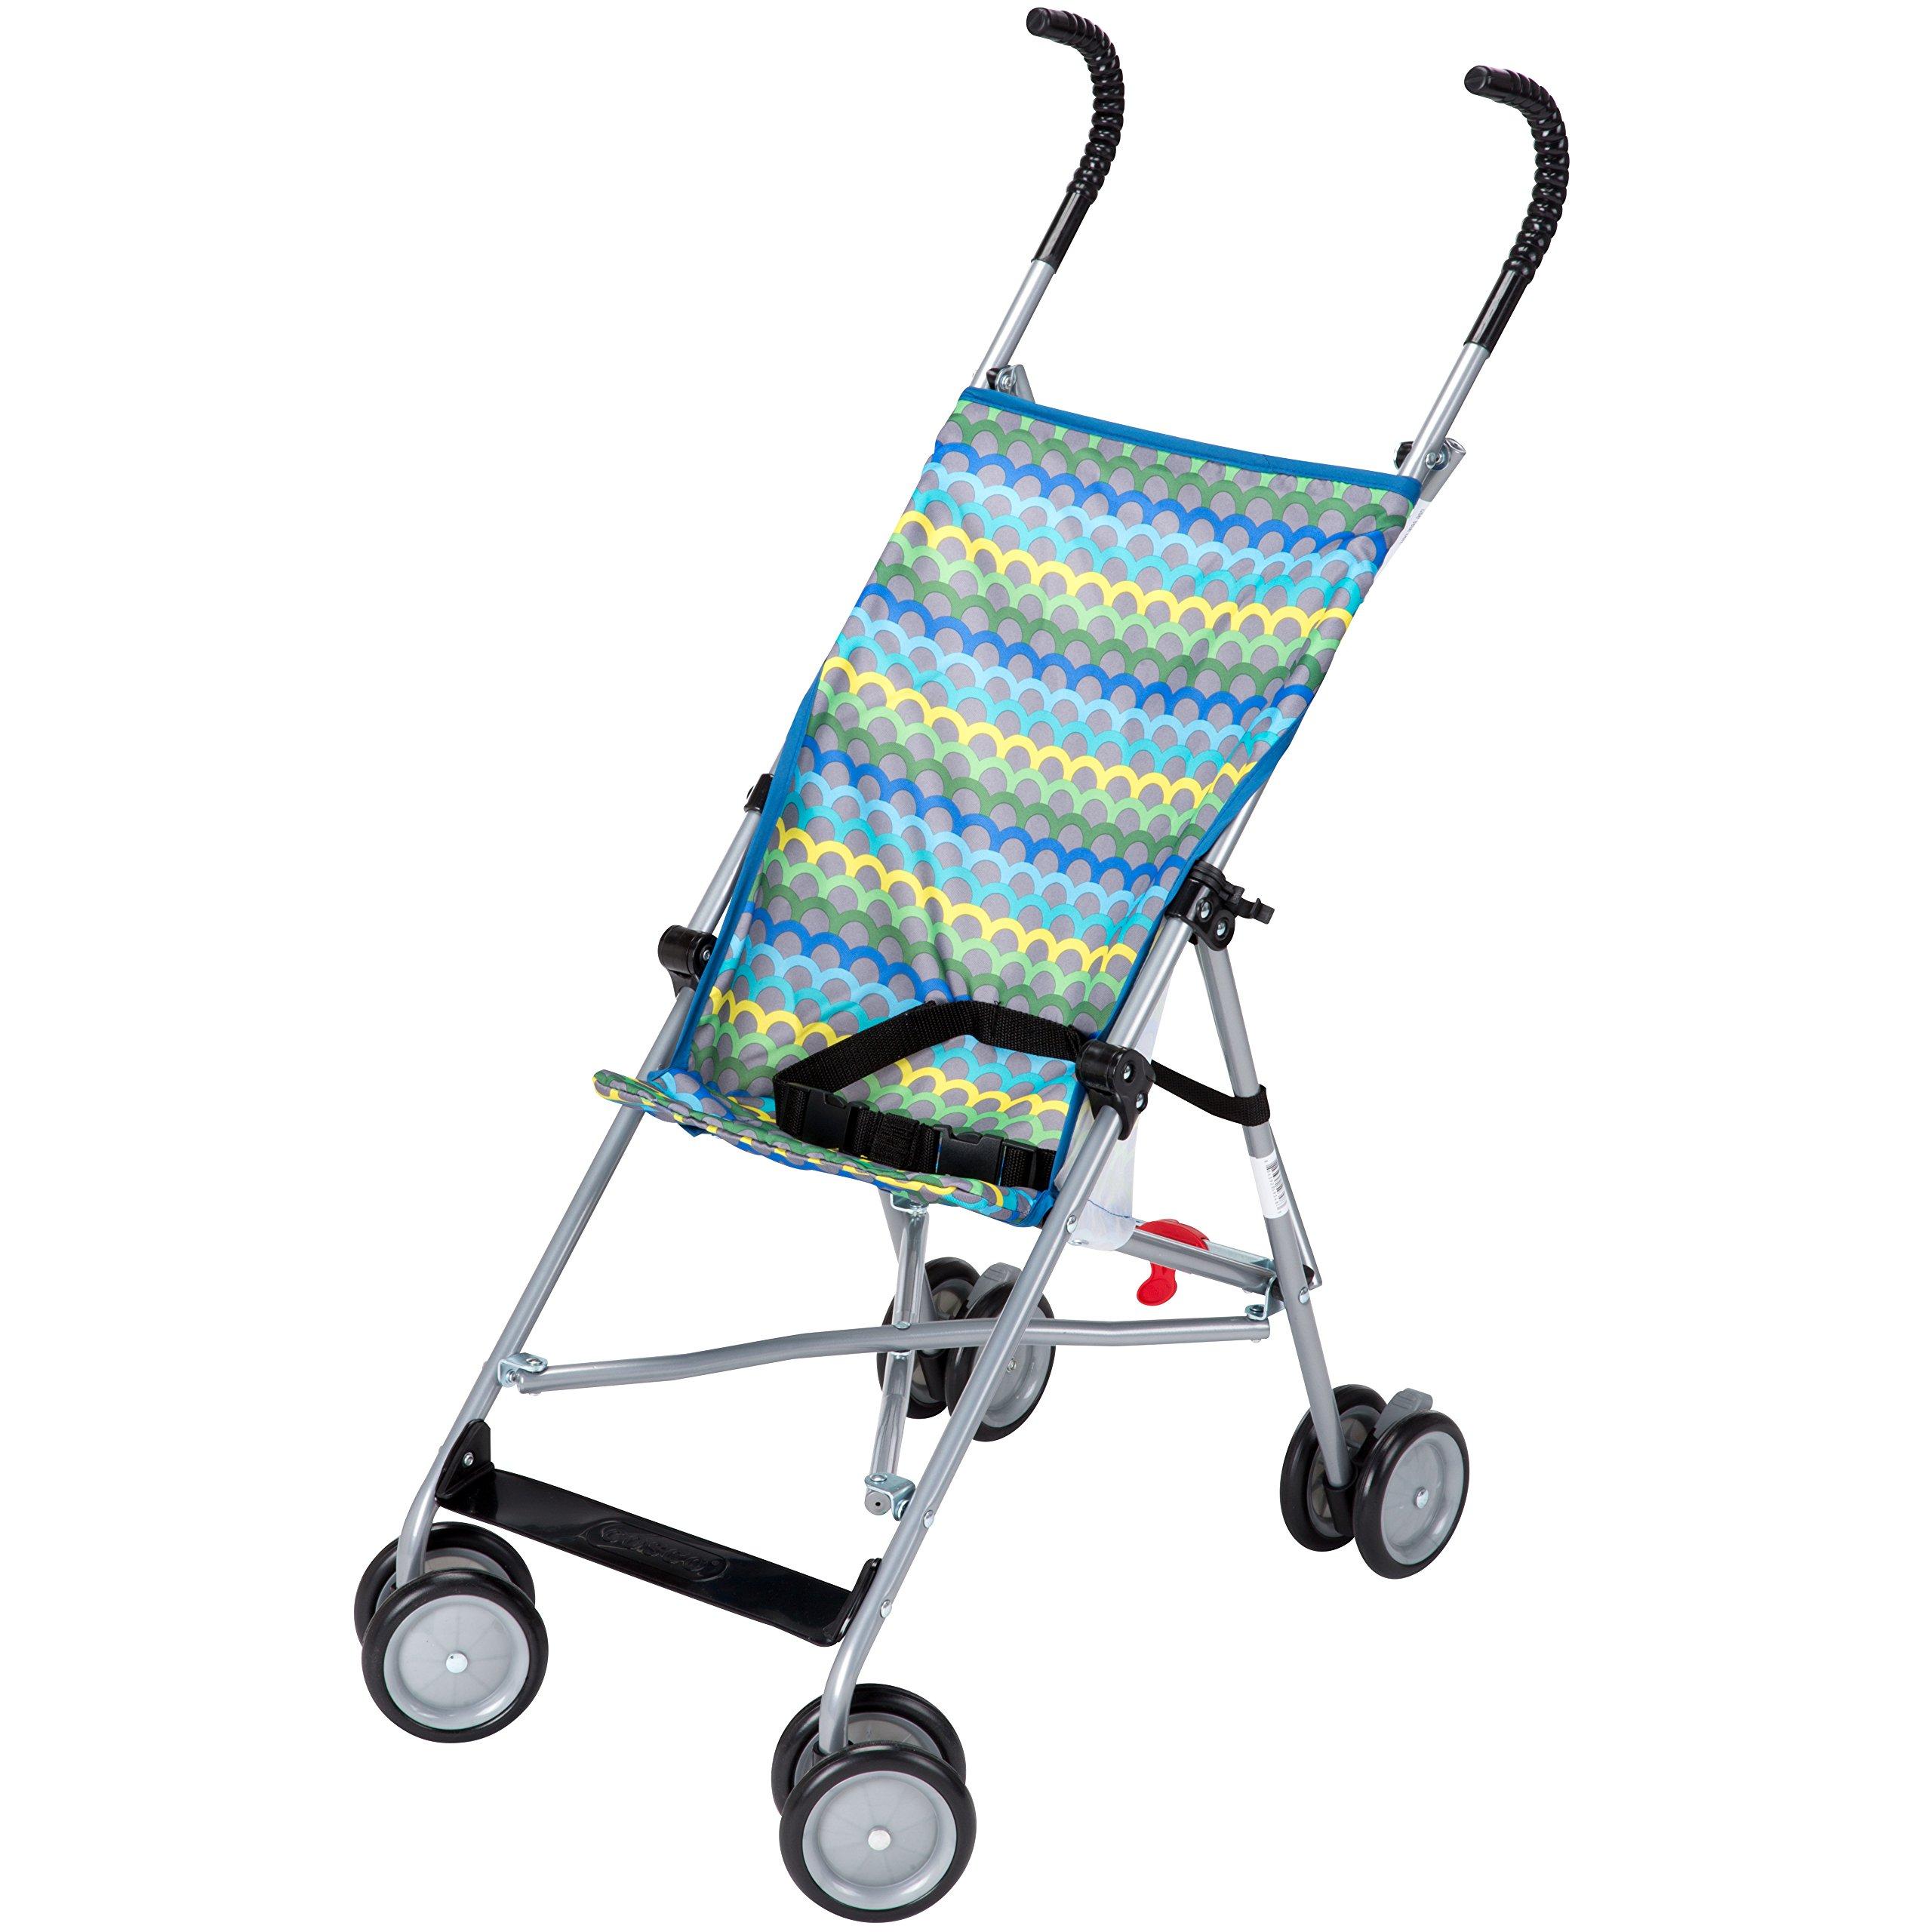 Cosco Umbrella Stroller, Horizon by Cosco (Image #4)